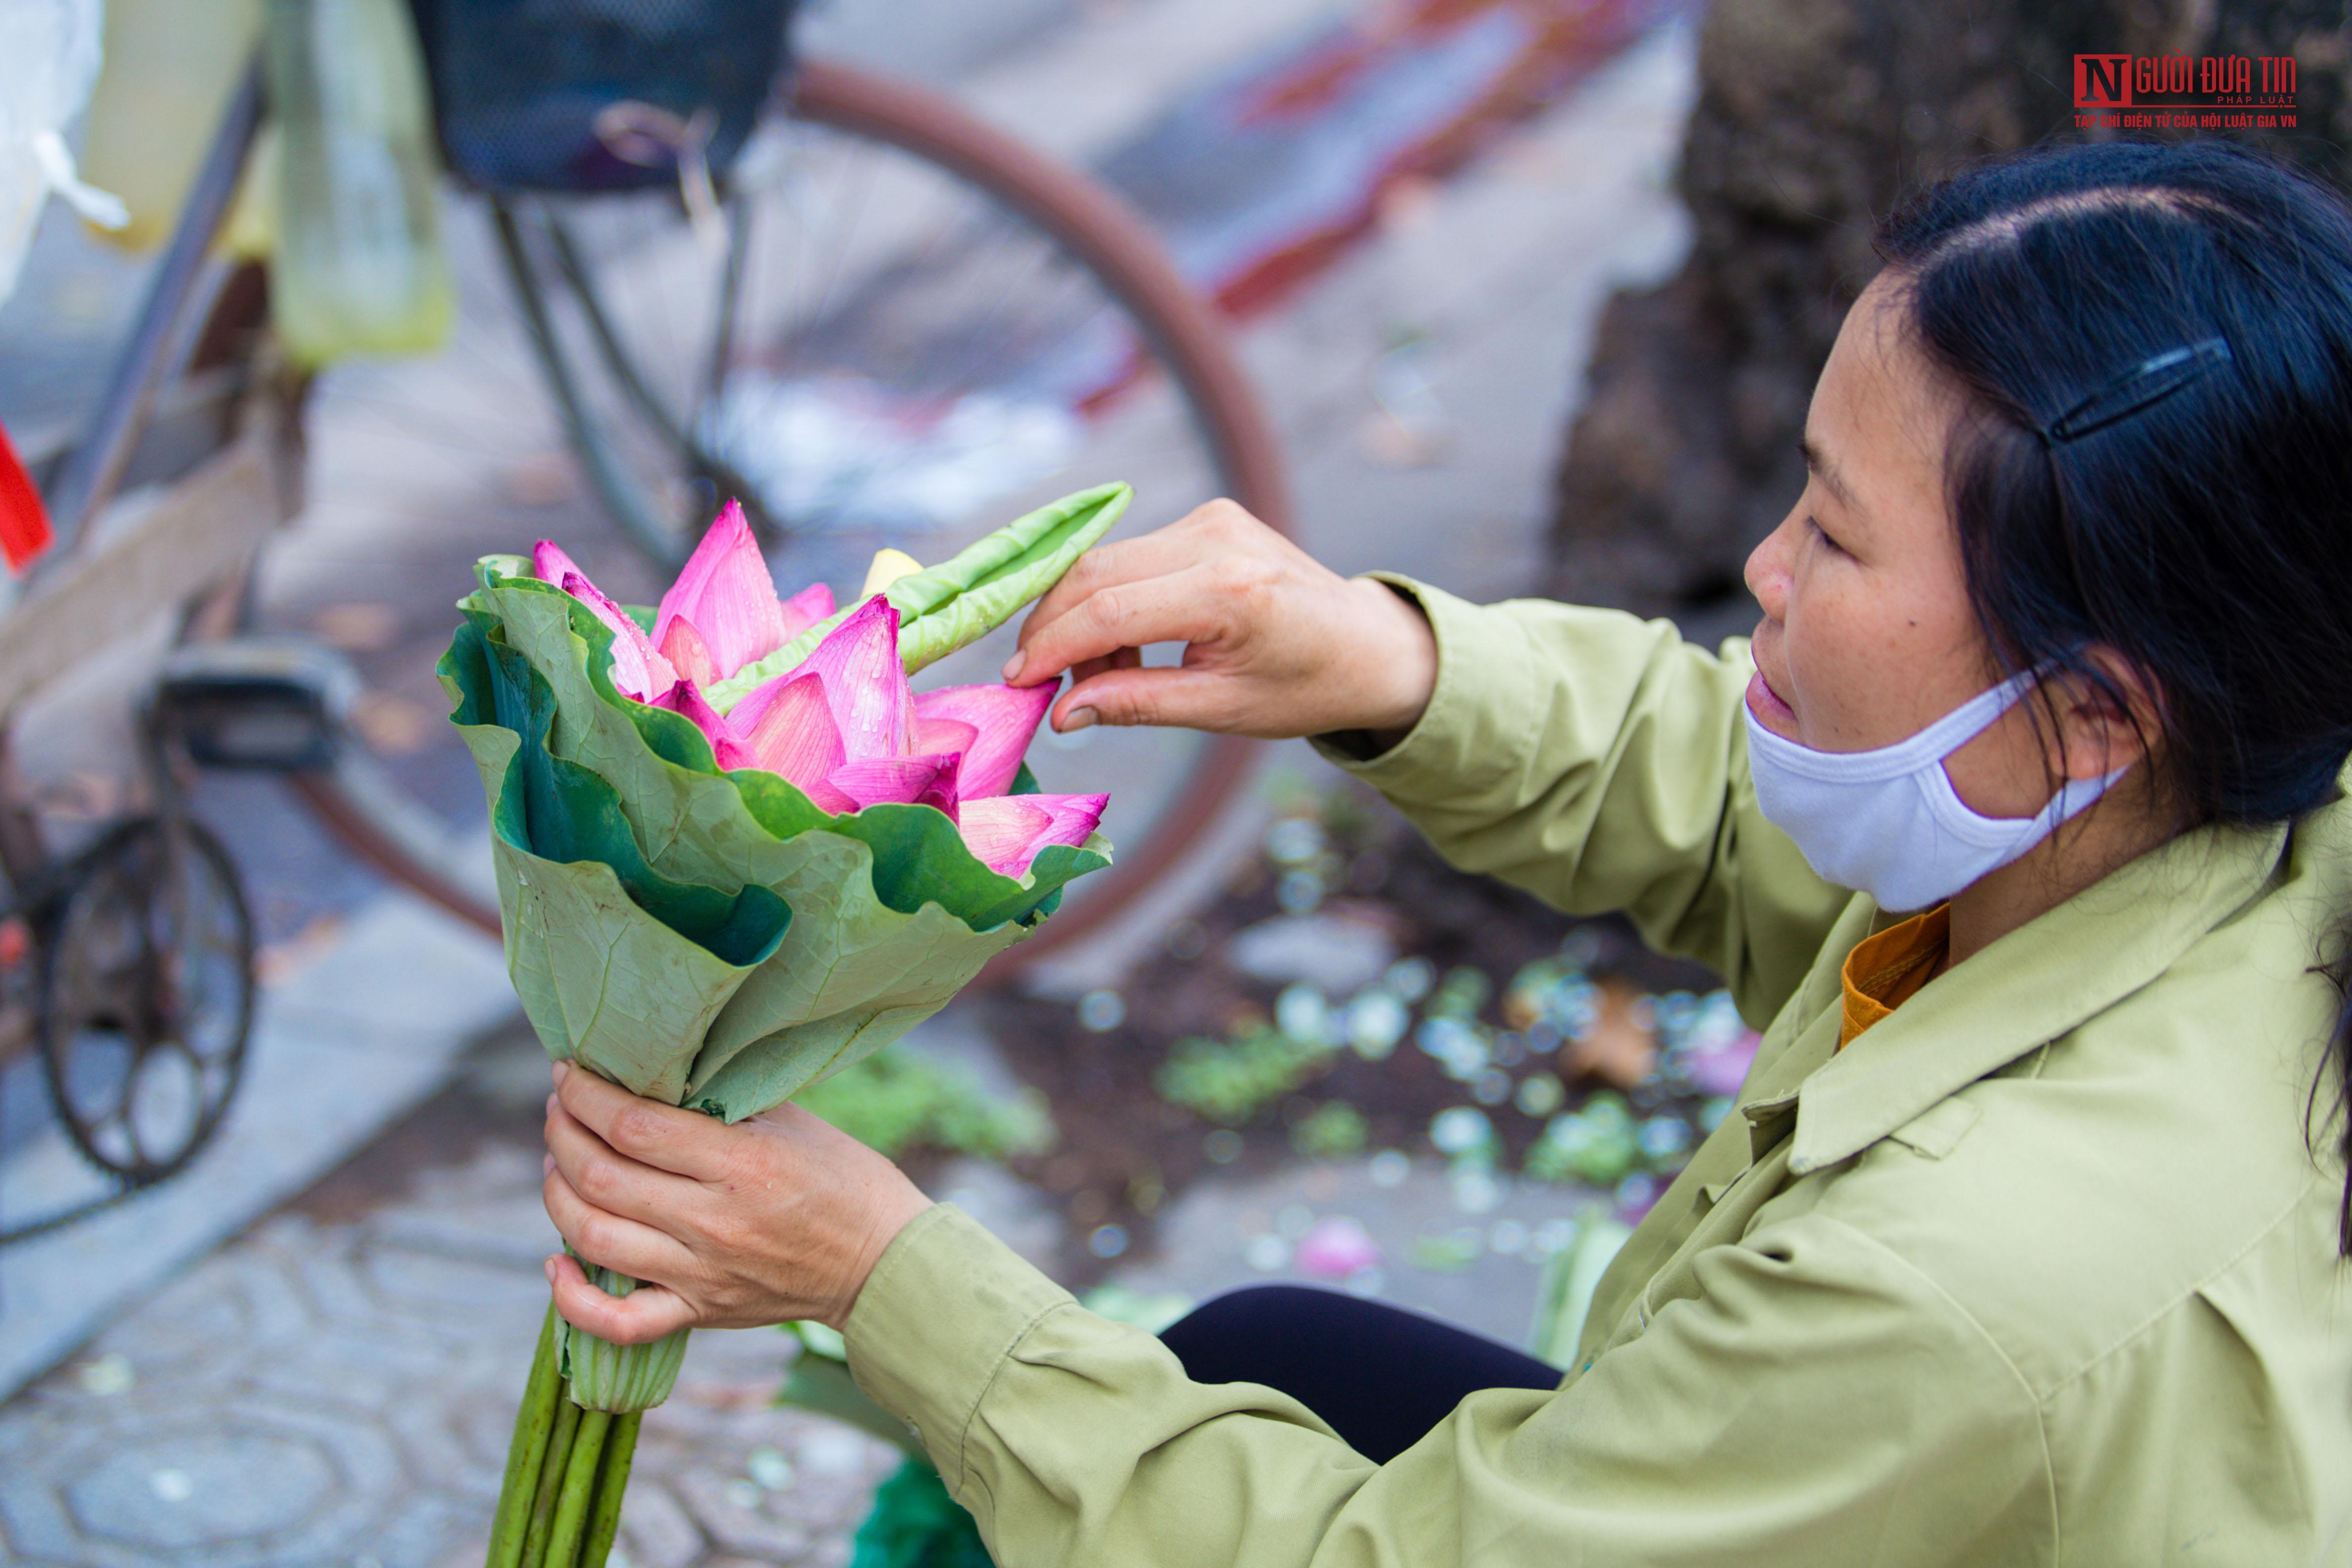 Hoa sen đầu mùa rong ruổi khắp phố phường Hà Nội Ảnh 6